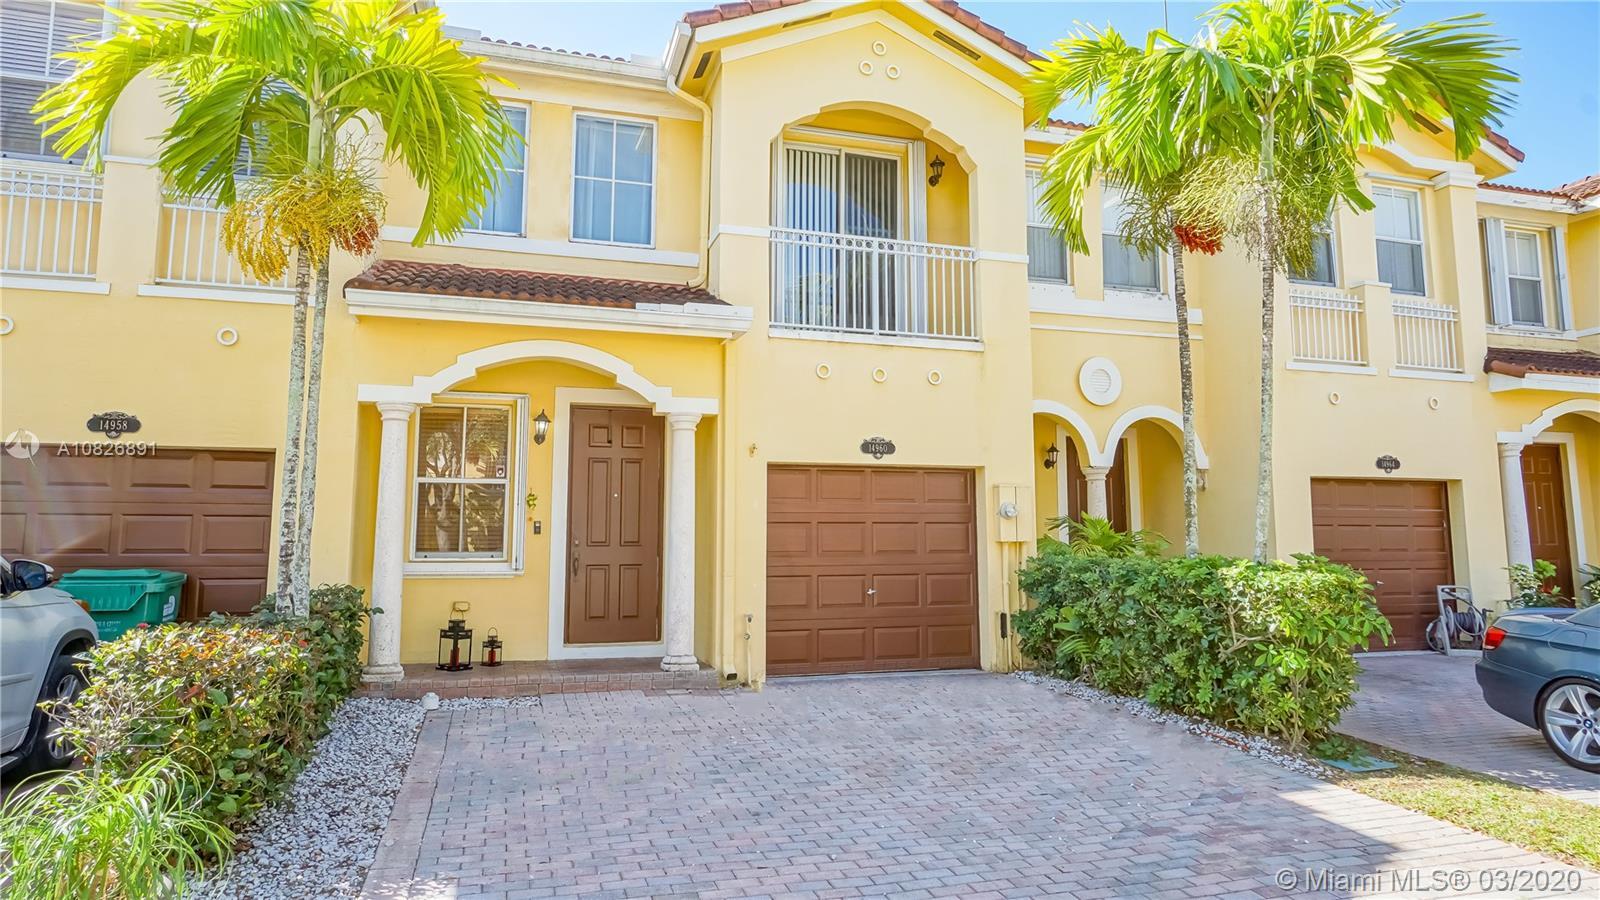 14960 SW 9th Ln 14960, Miami, FL 33194